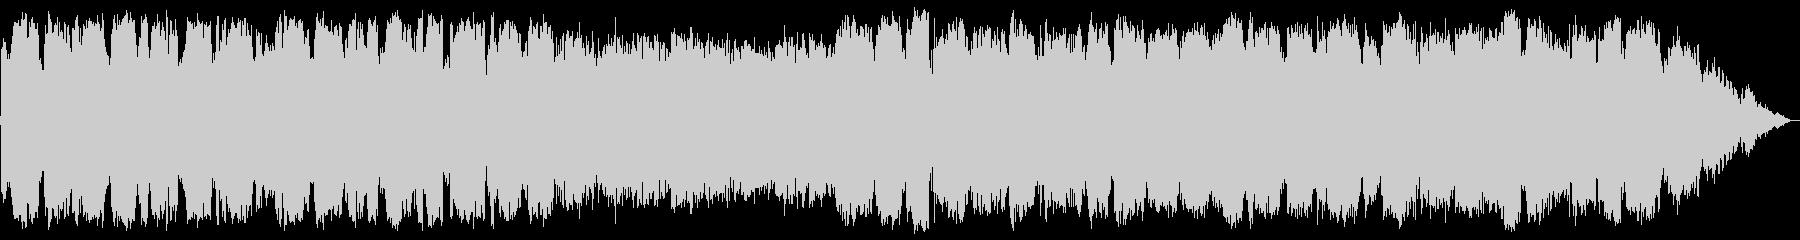 低音の笛の幻想的瞑想音楽の未再生の波形